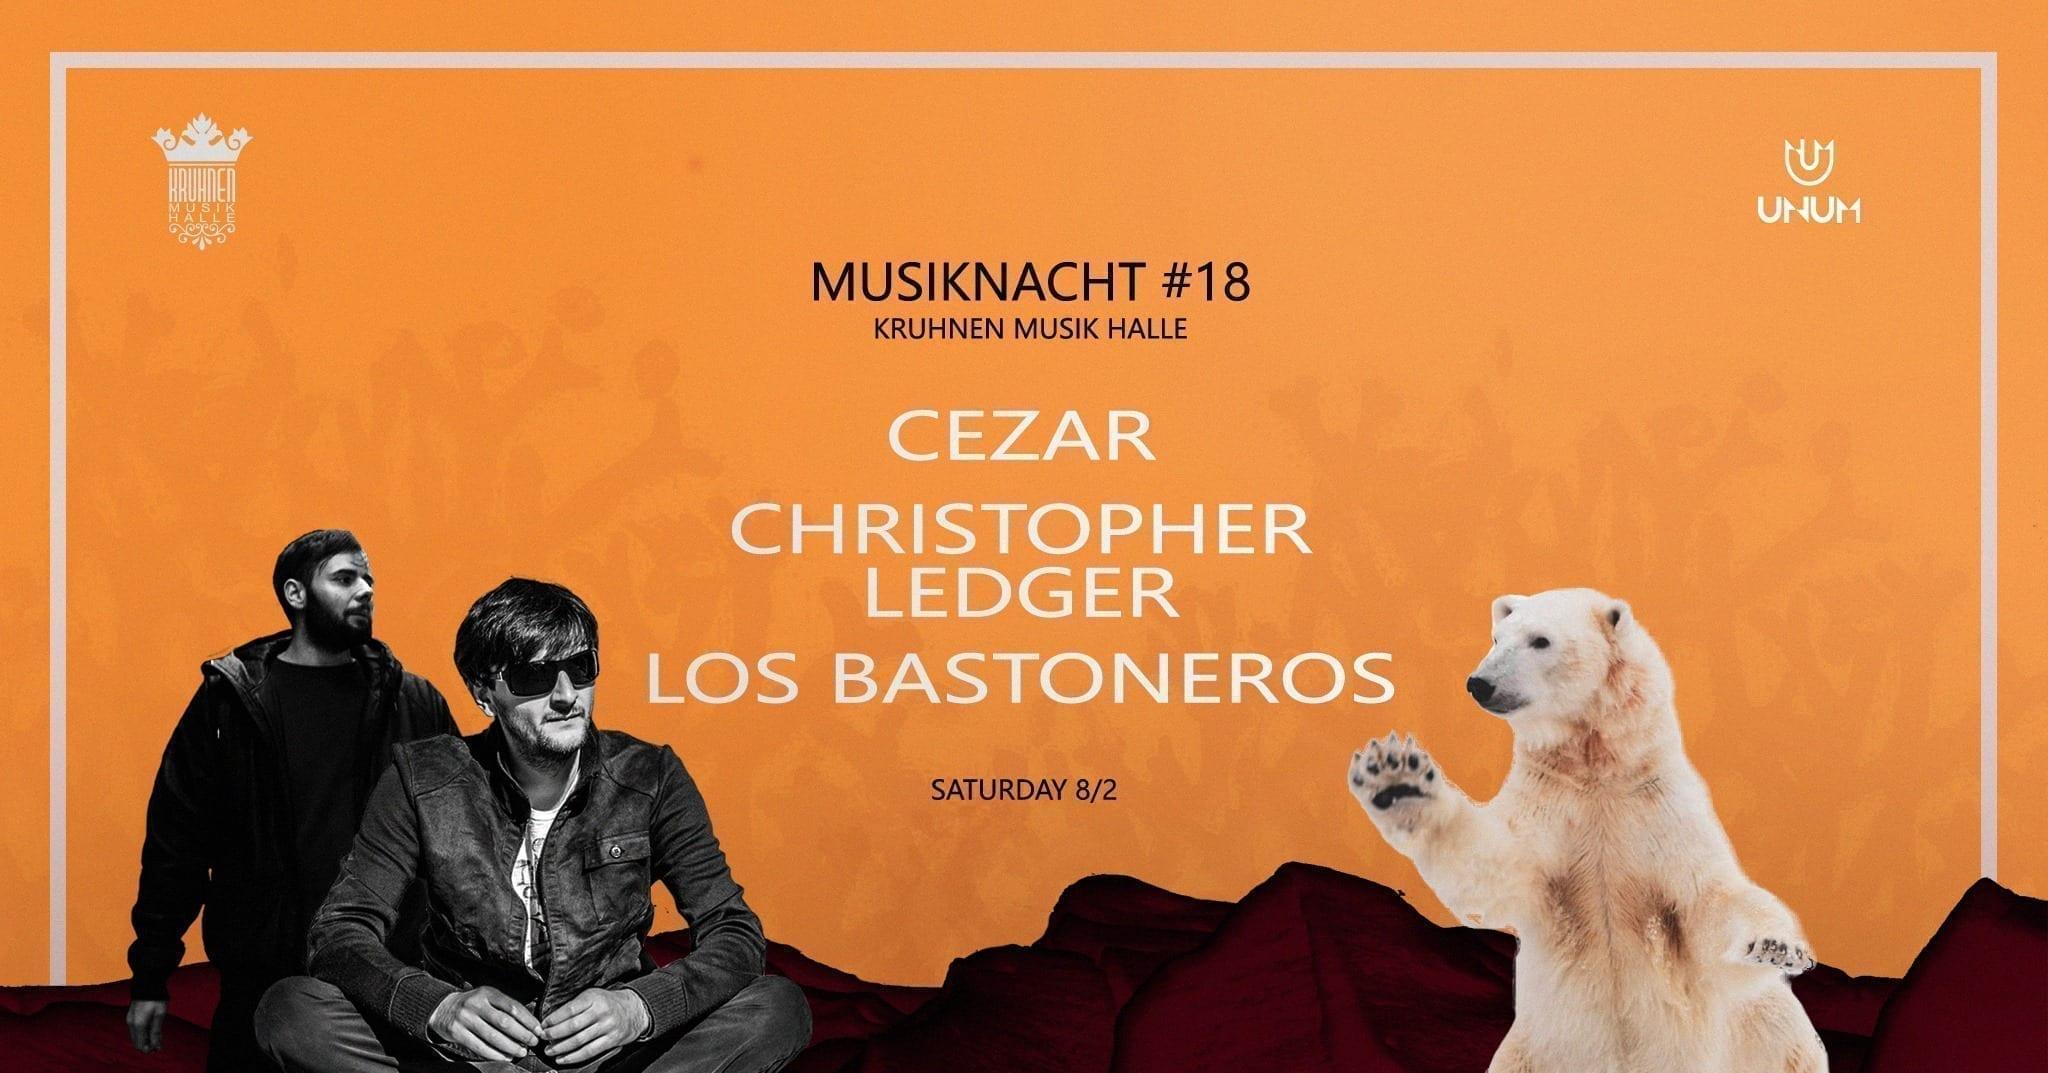 Musiknacht #18: Cezar, Christopher Ledger, Los Bastoneros